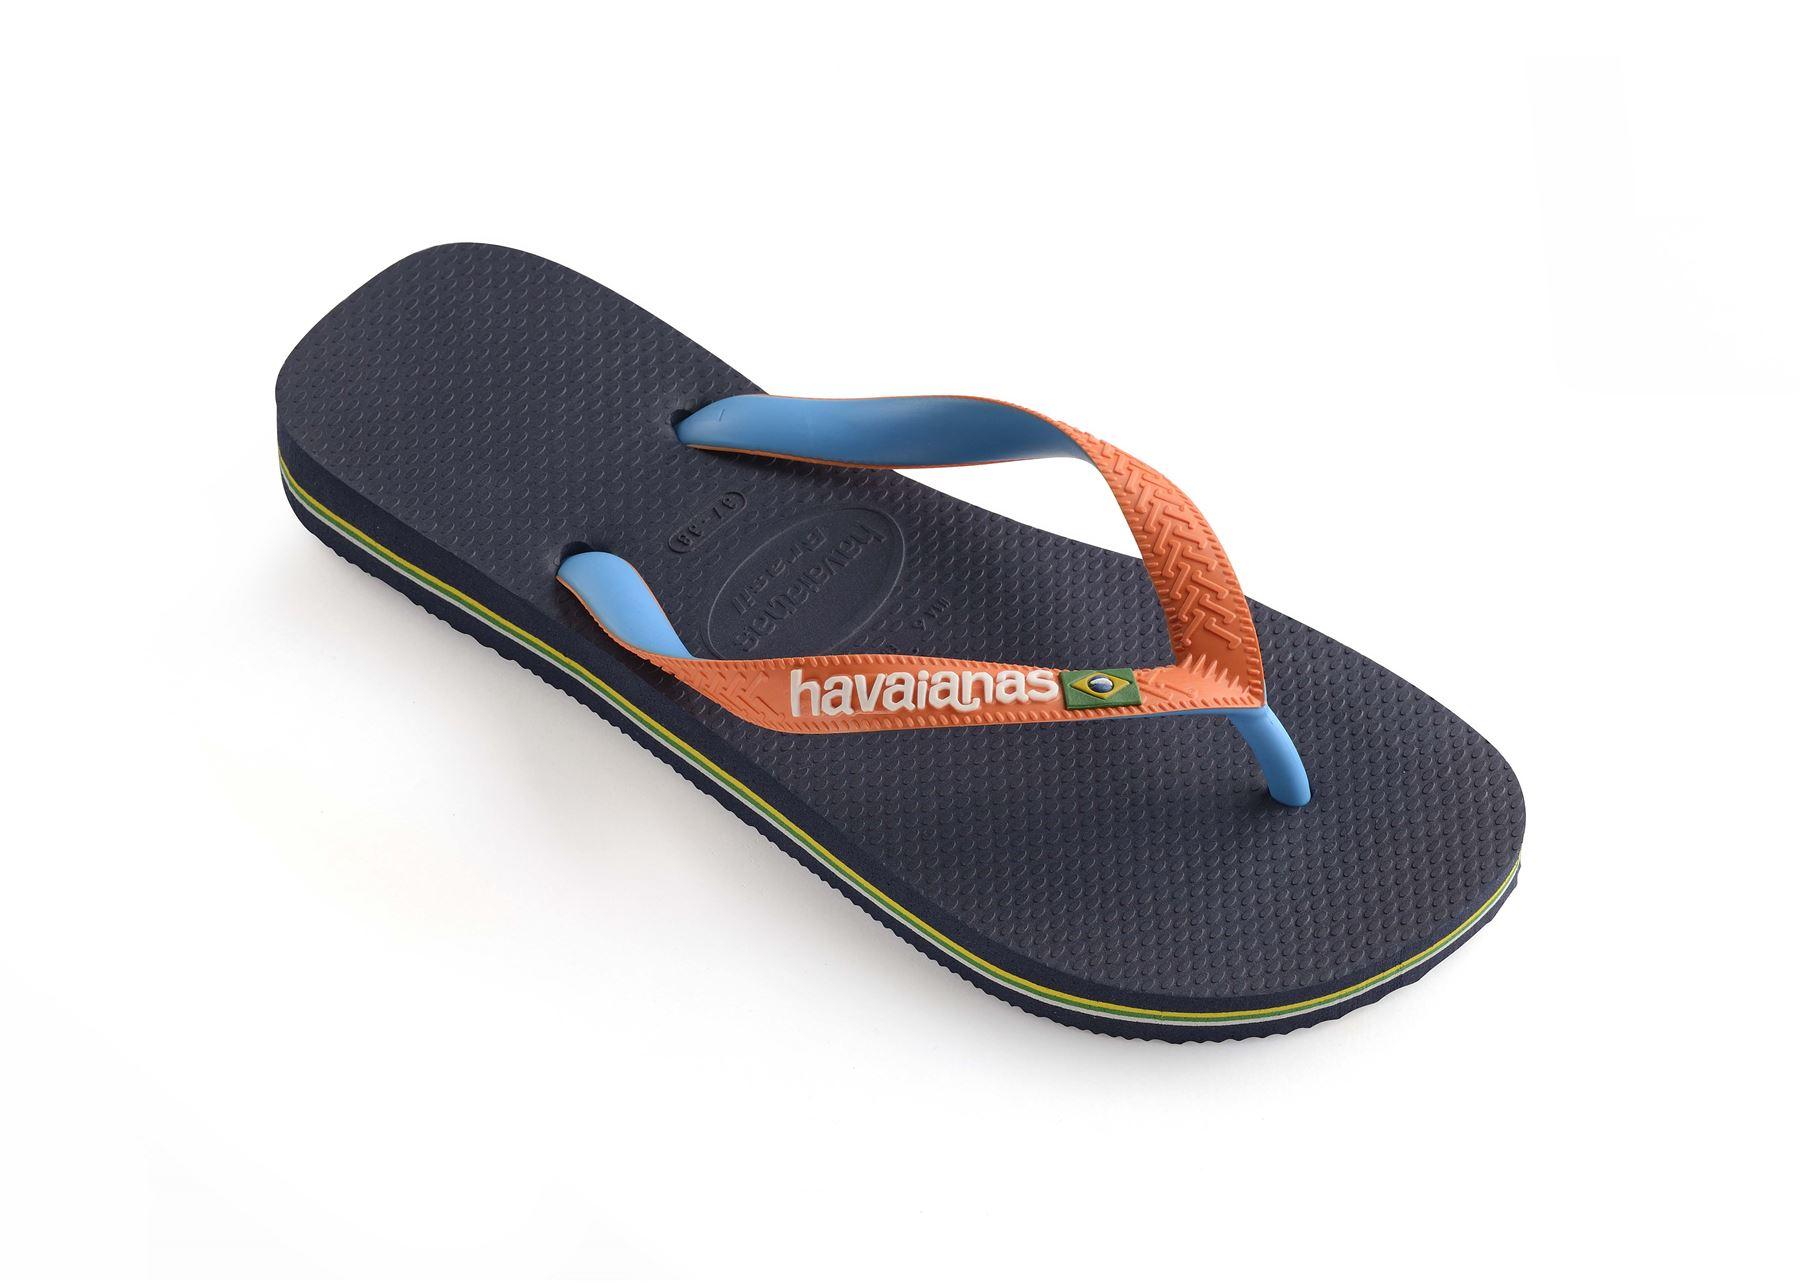 293c56b44be2 Havaianas Brasil Mix Flip Flops Summer Beach Thongs Sandals Wide ...